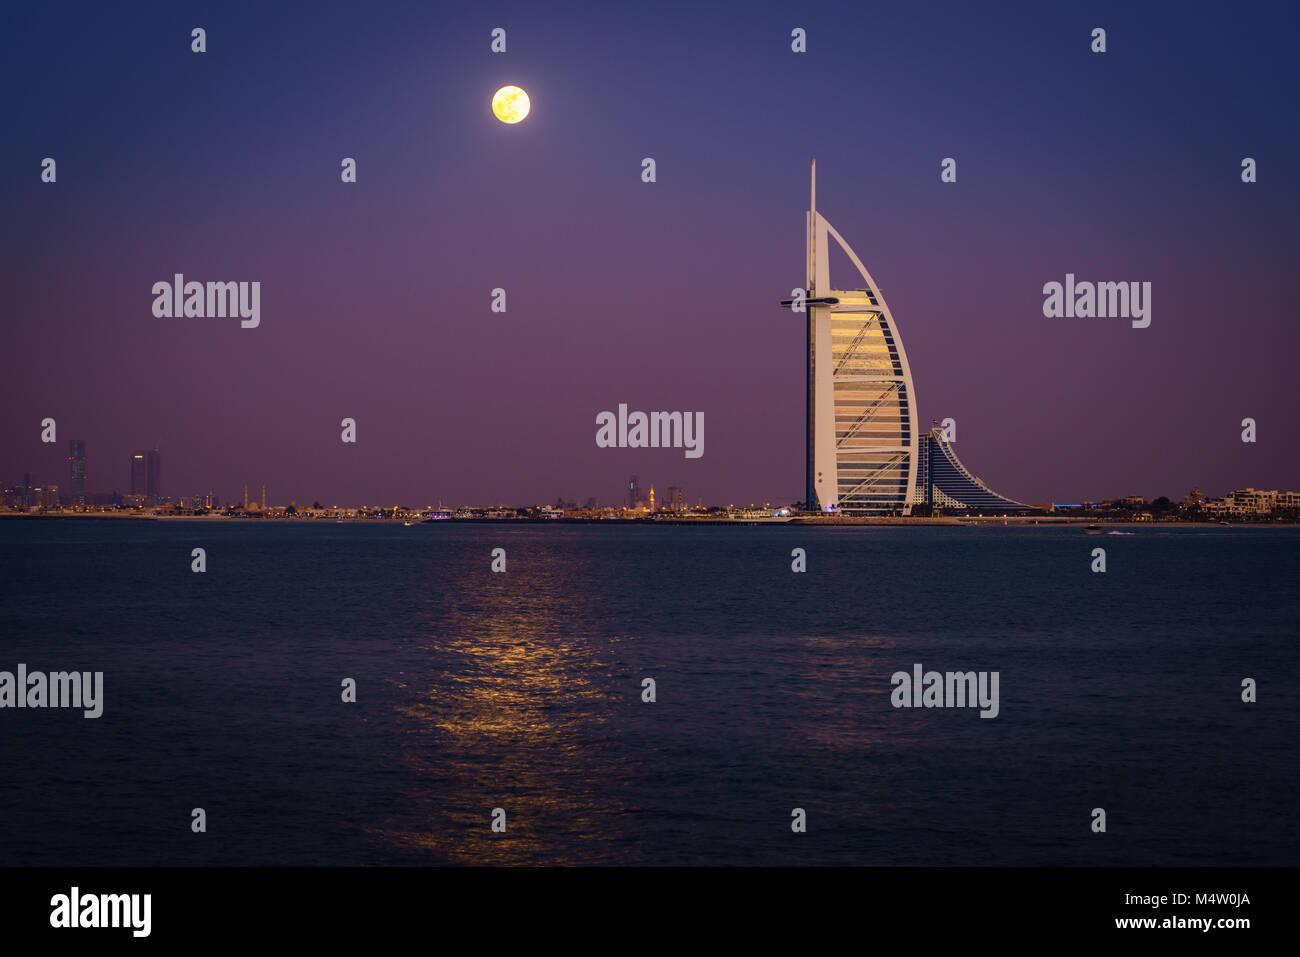 Dubaï, Émirats arabes unis, le 13 décembre 2016: pleine lune augmente avec le Burj Al Arab Photo Stock